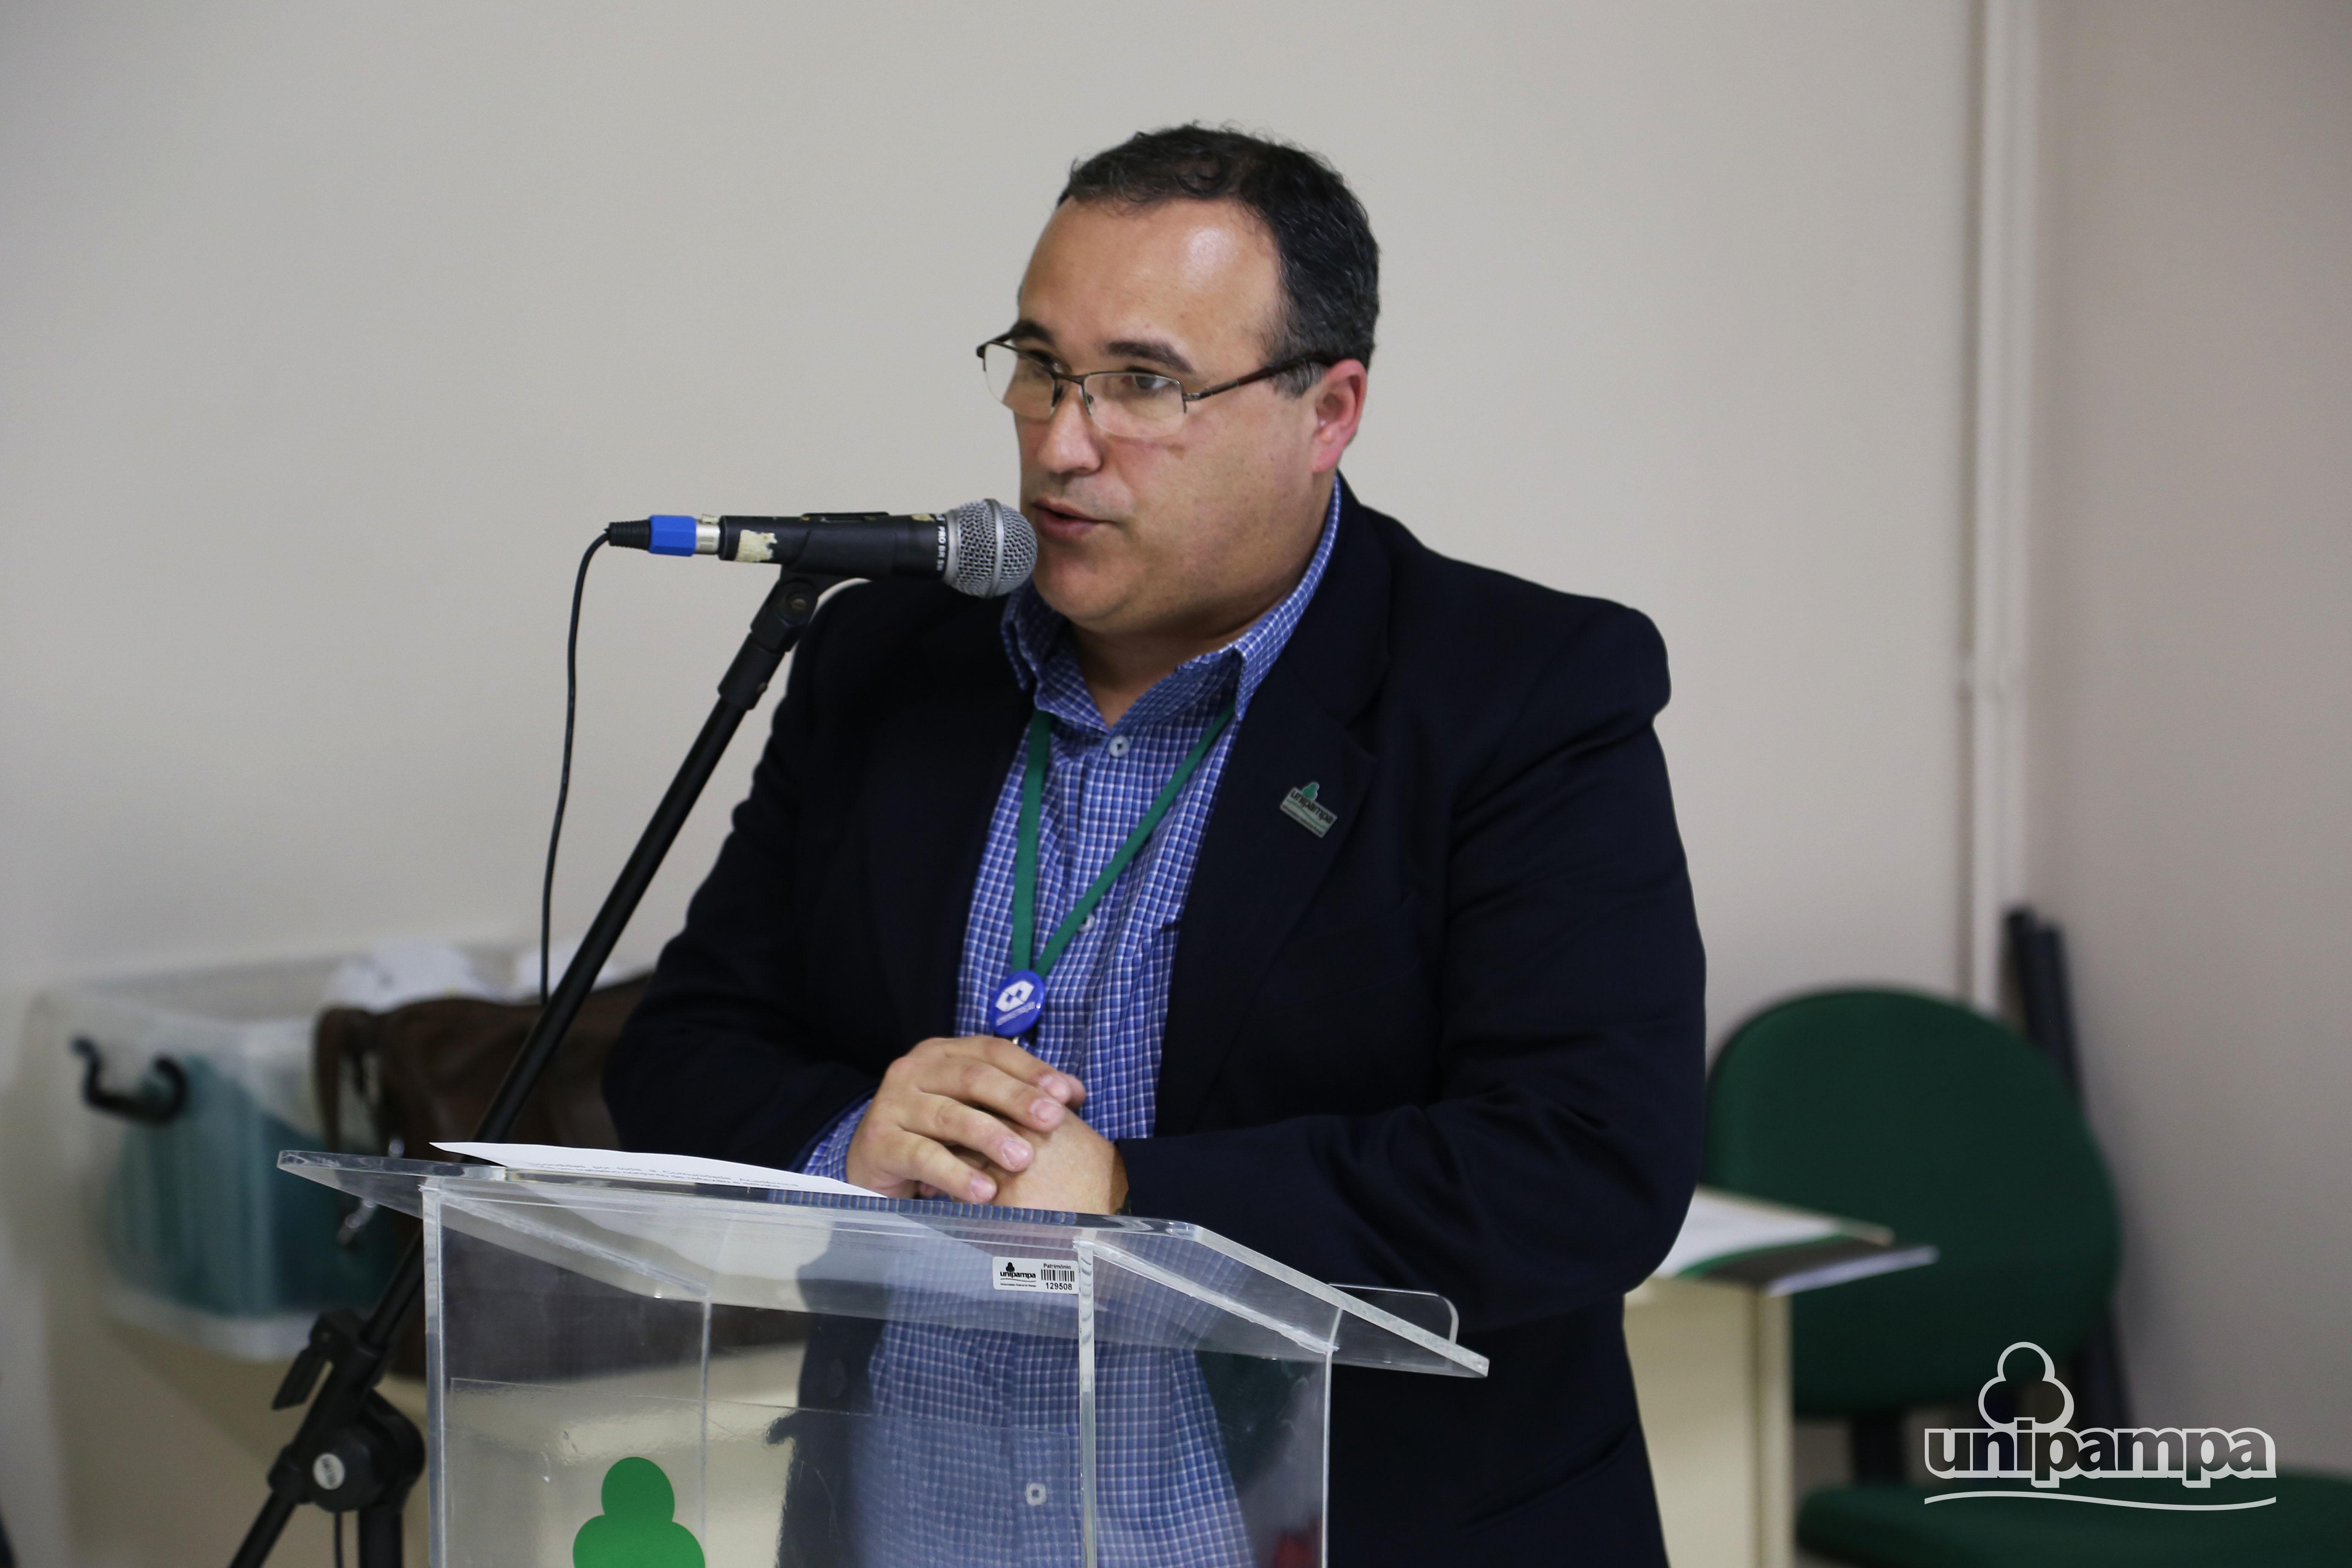 O pró-reitor de Planejamento e Infraestrutura falou sobre o PDI. Foto: Ronaldo Estevam